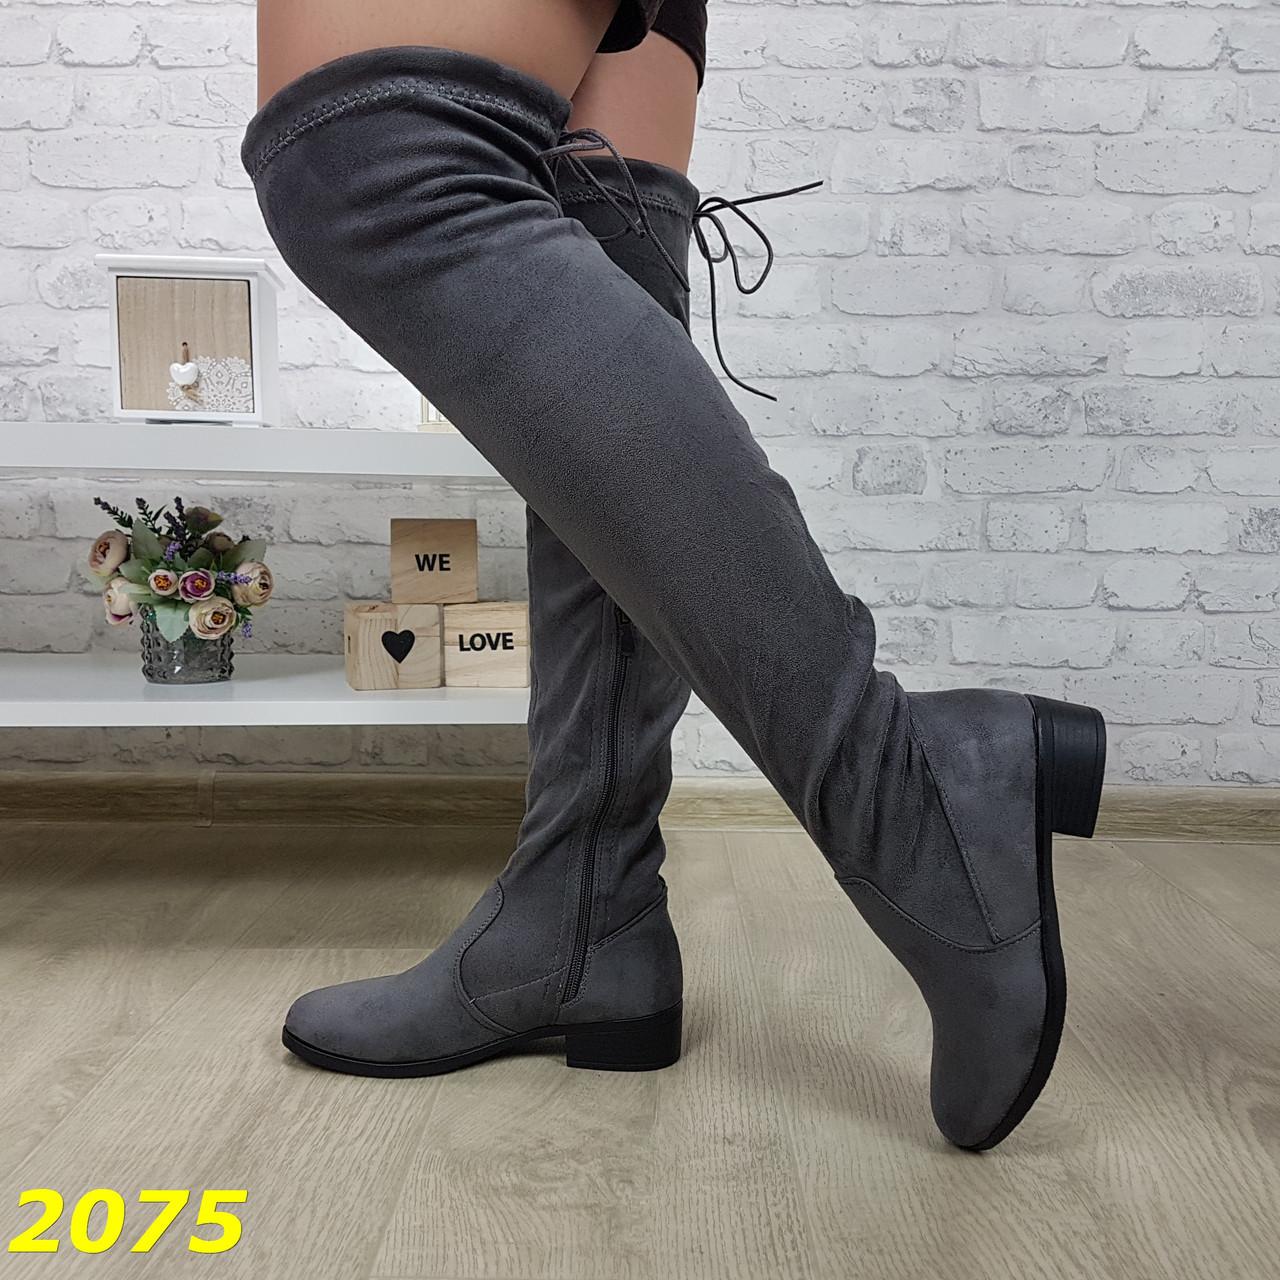 Сапоги чулки ботфорты замшевые на низком каблуке ходу серые демисезон